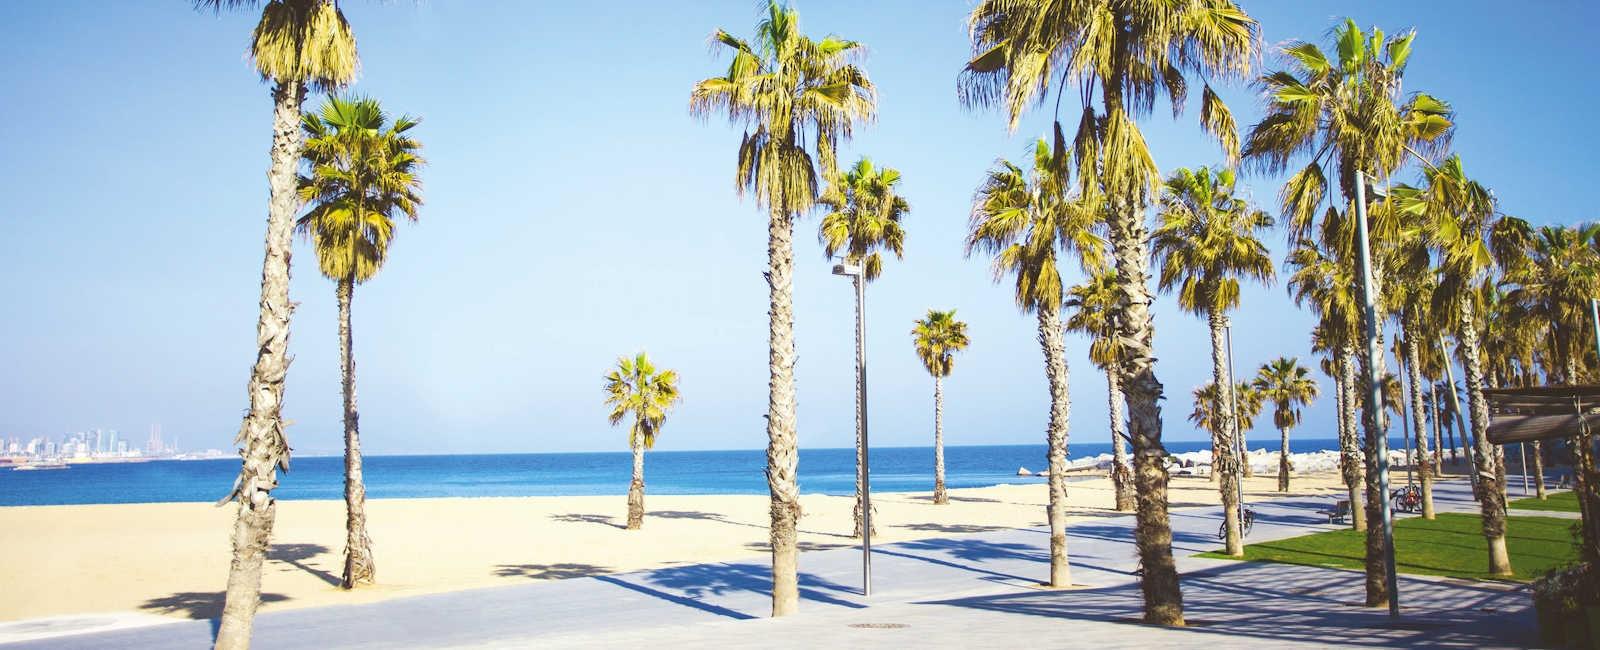 Luxury Spain Holidays